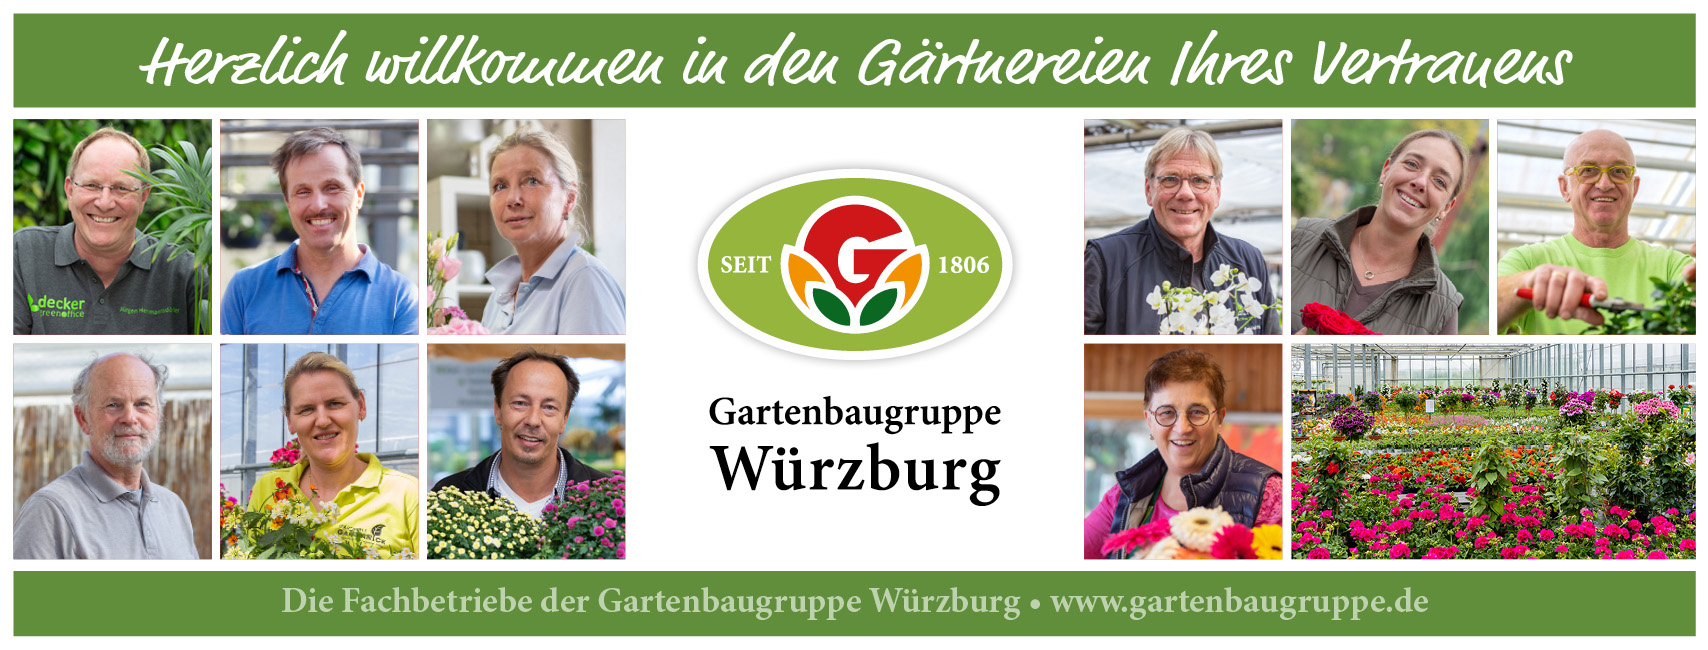 Die Gartenbaugruppe Würzburg Stellt Sich Vor